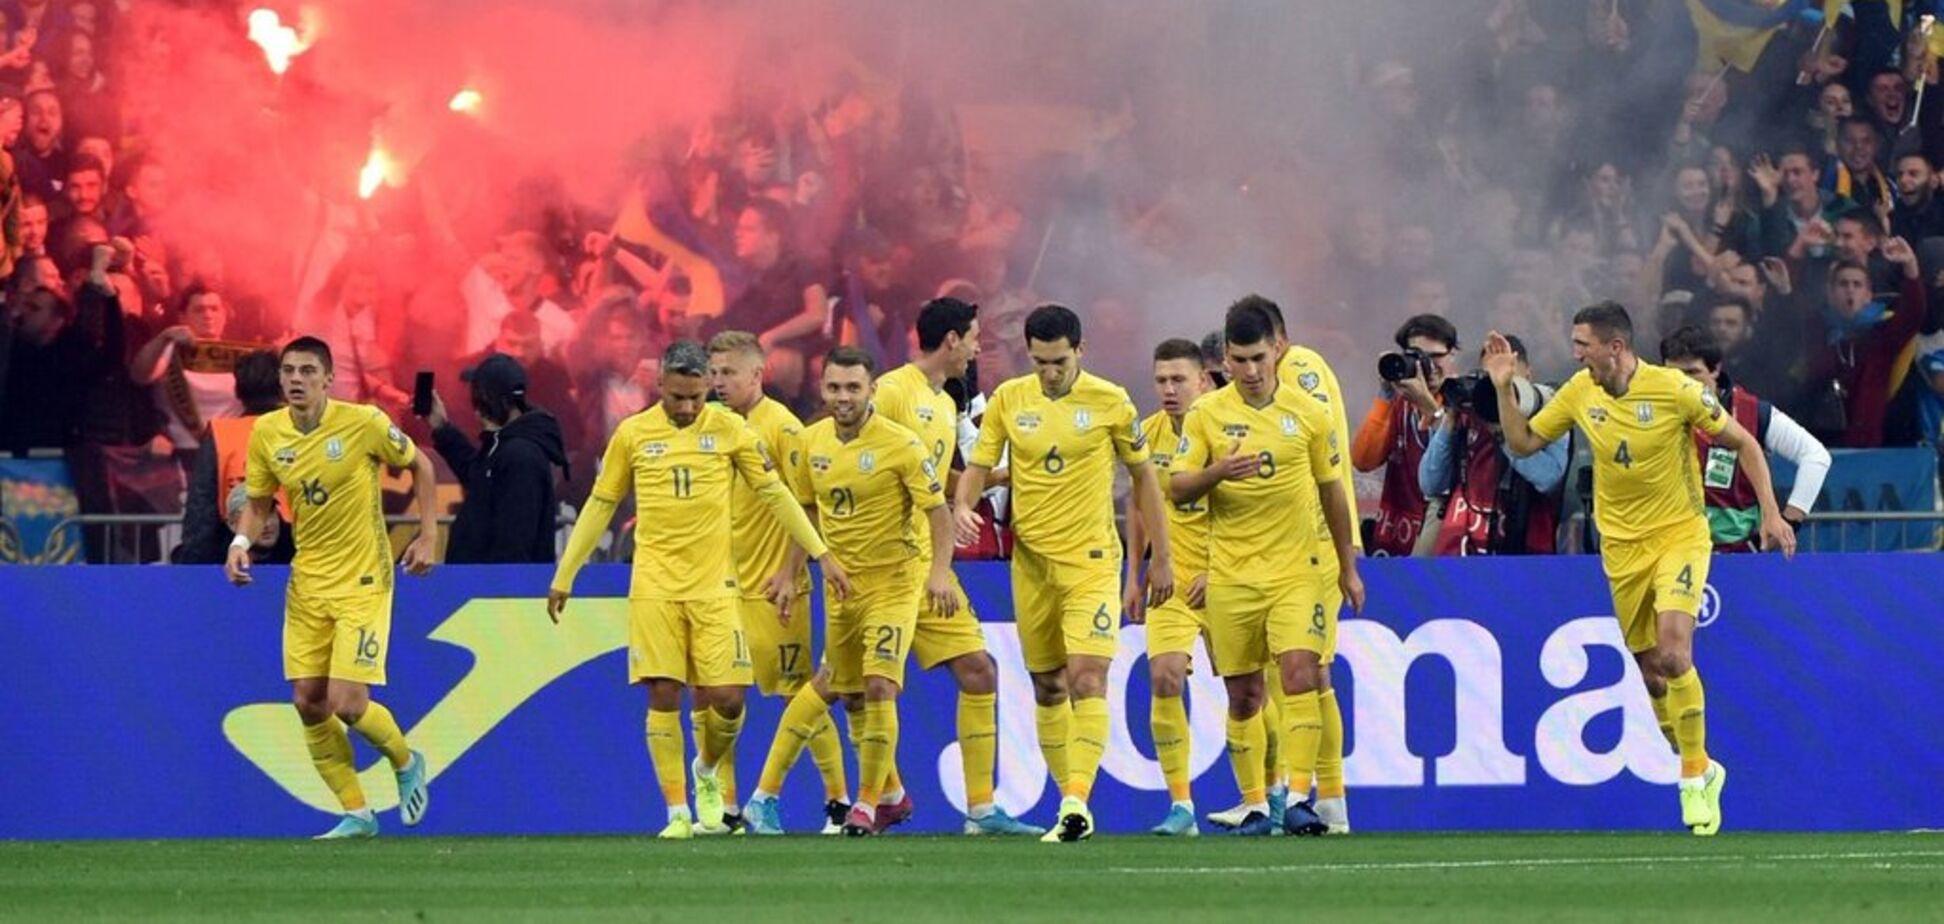 Сборная Украины устроила феерическое празднование с фанатами на переполненном 'Олимпийском'